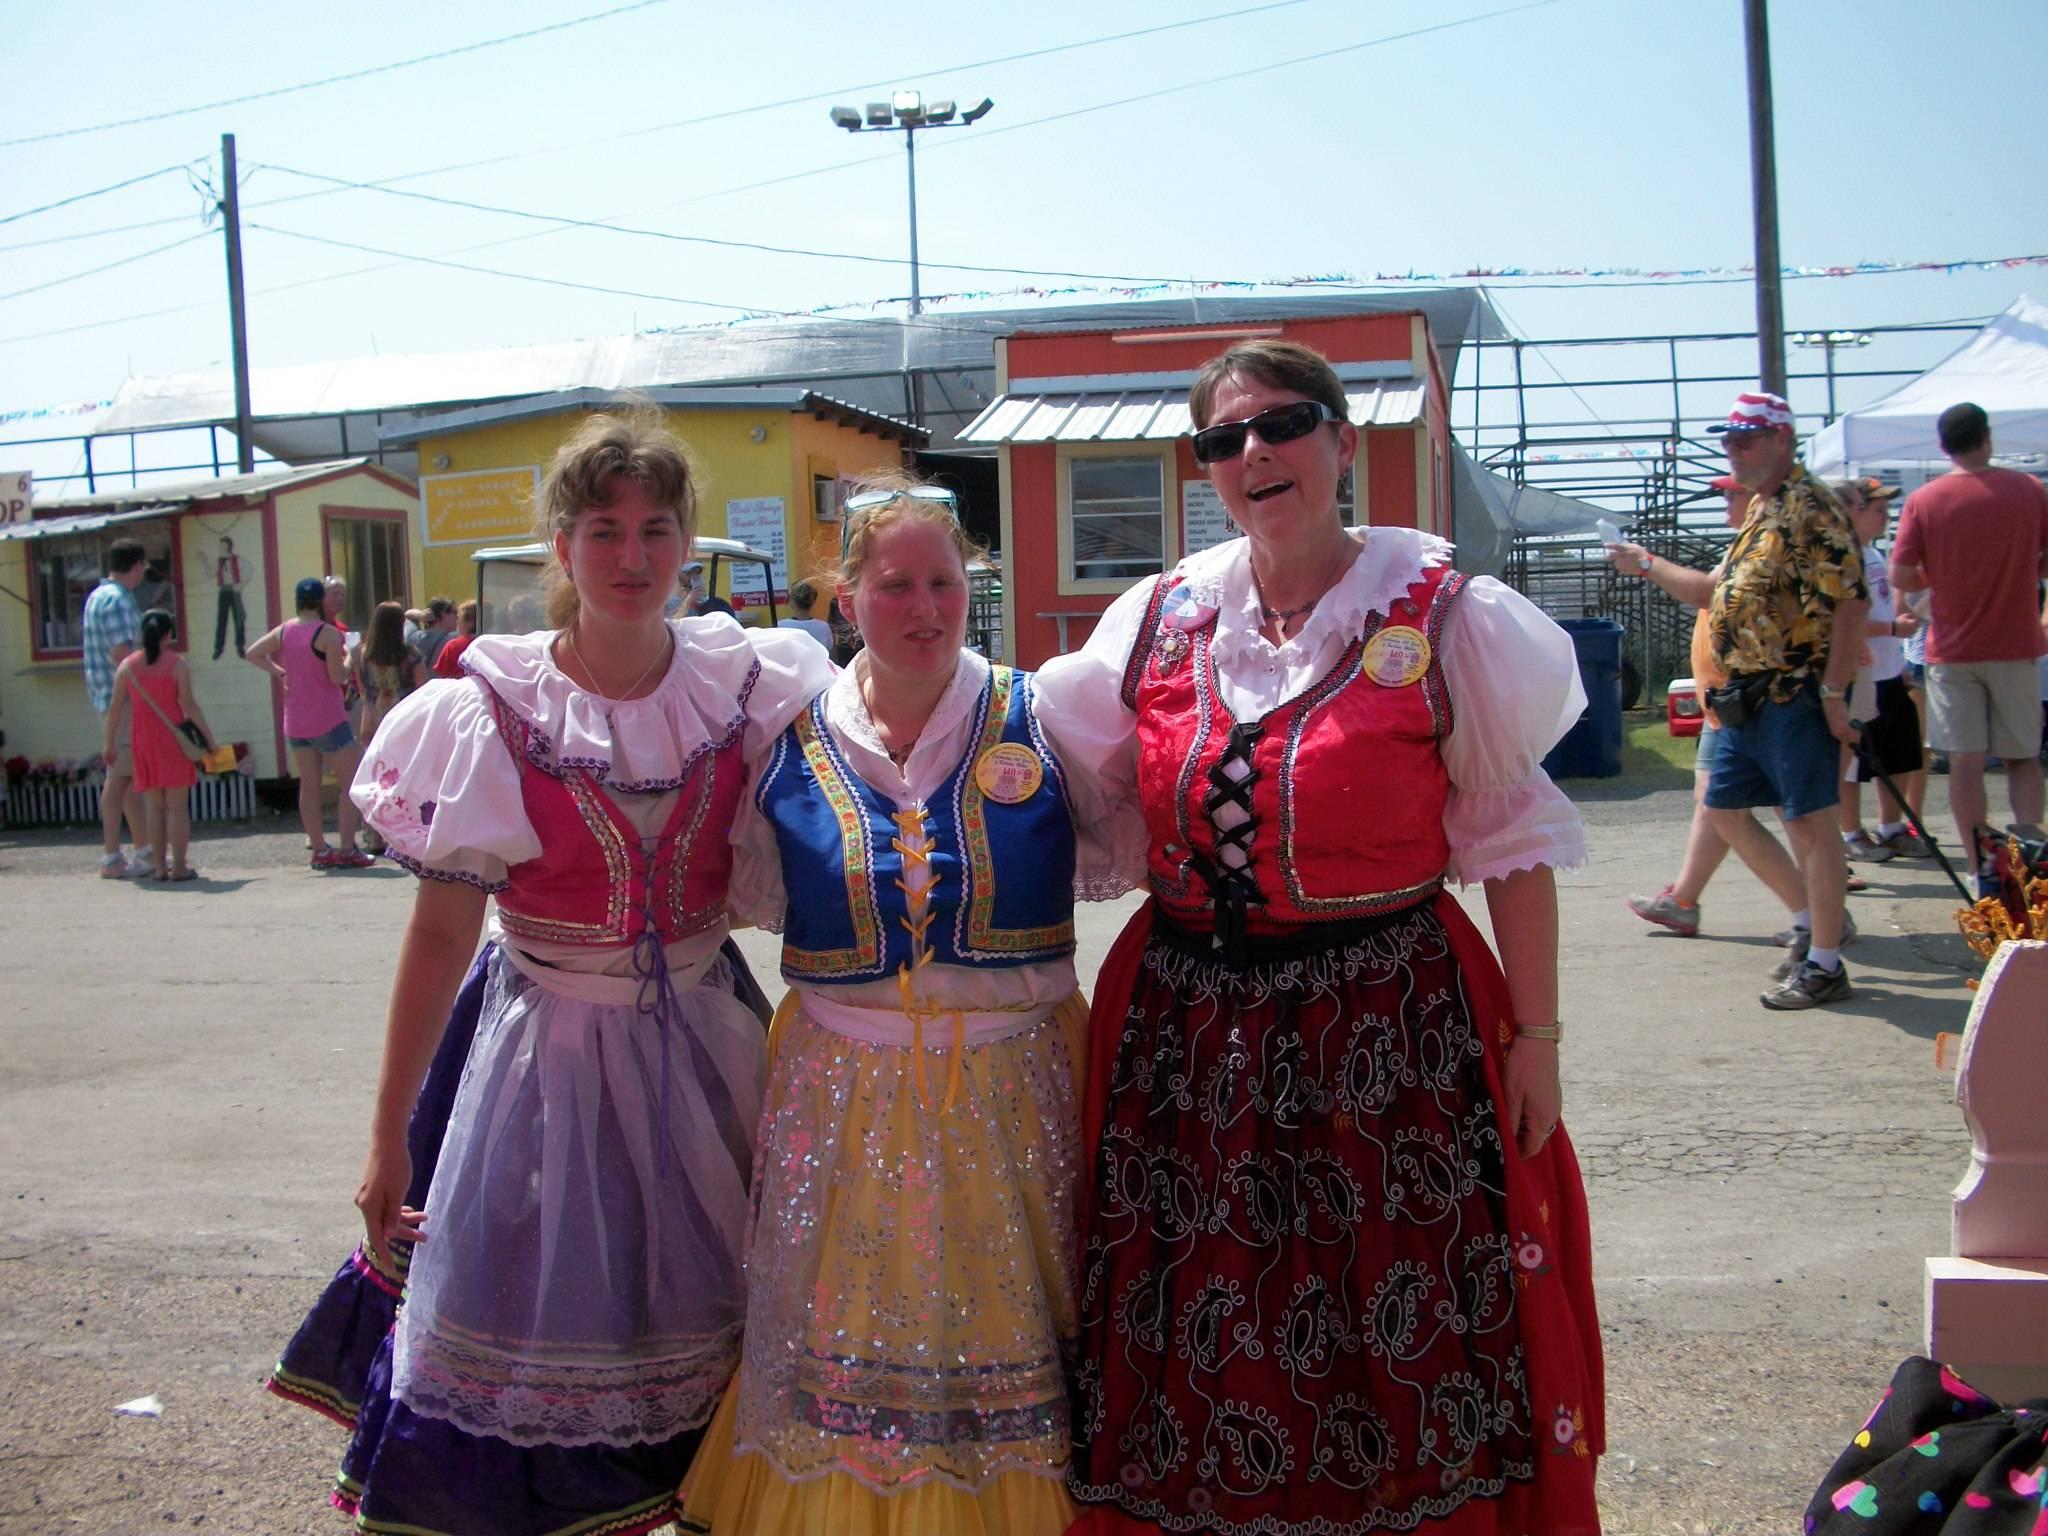 Czech costumes at West Fest